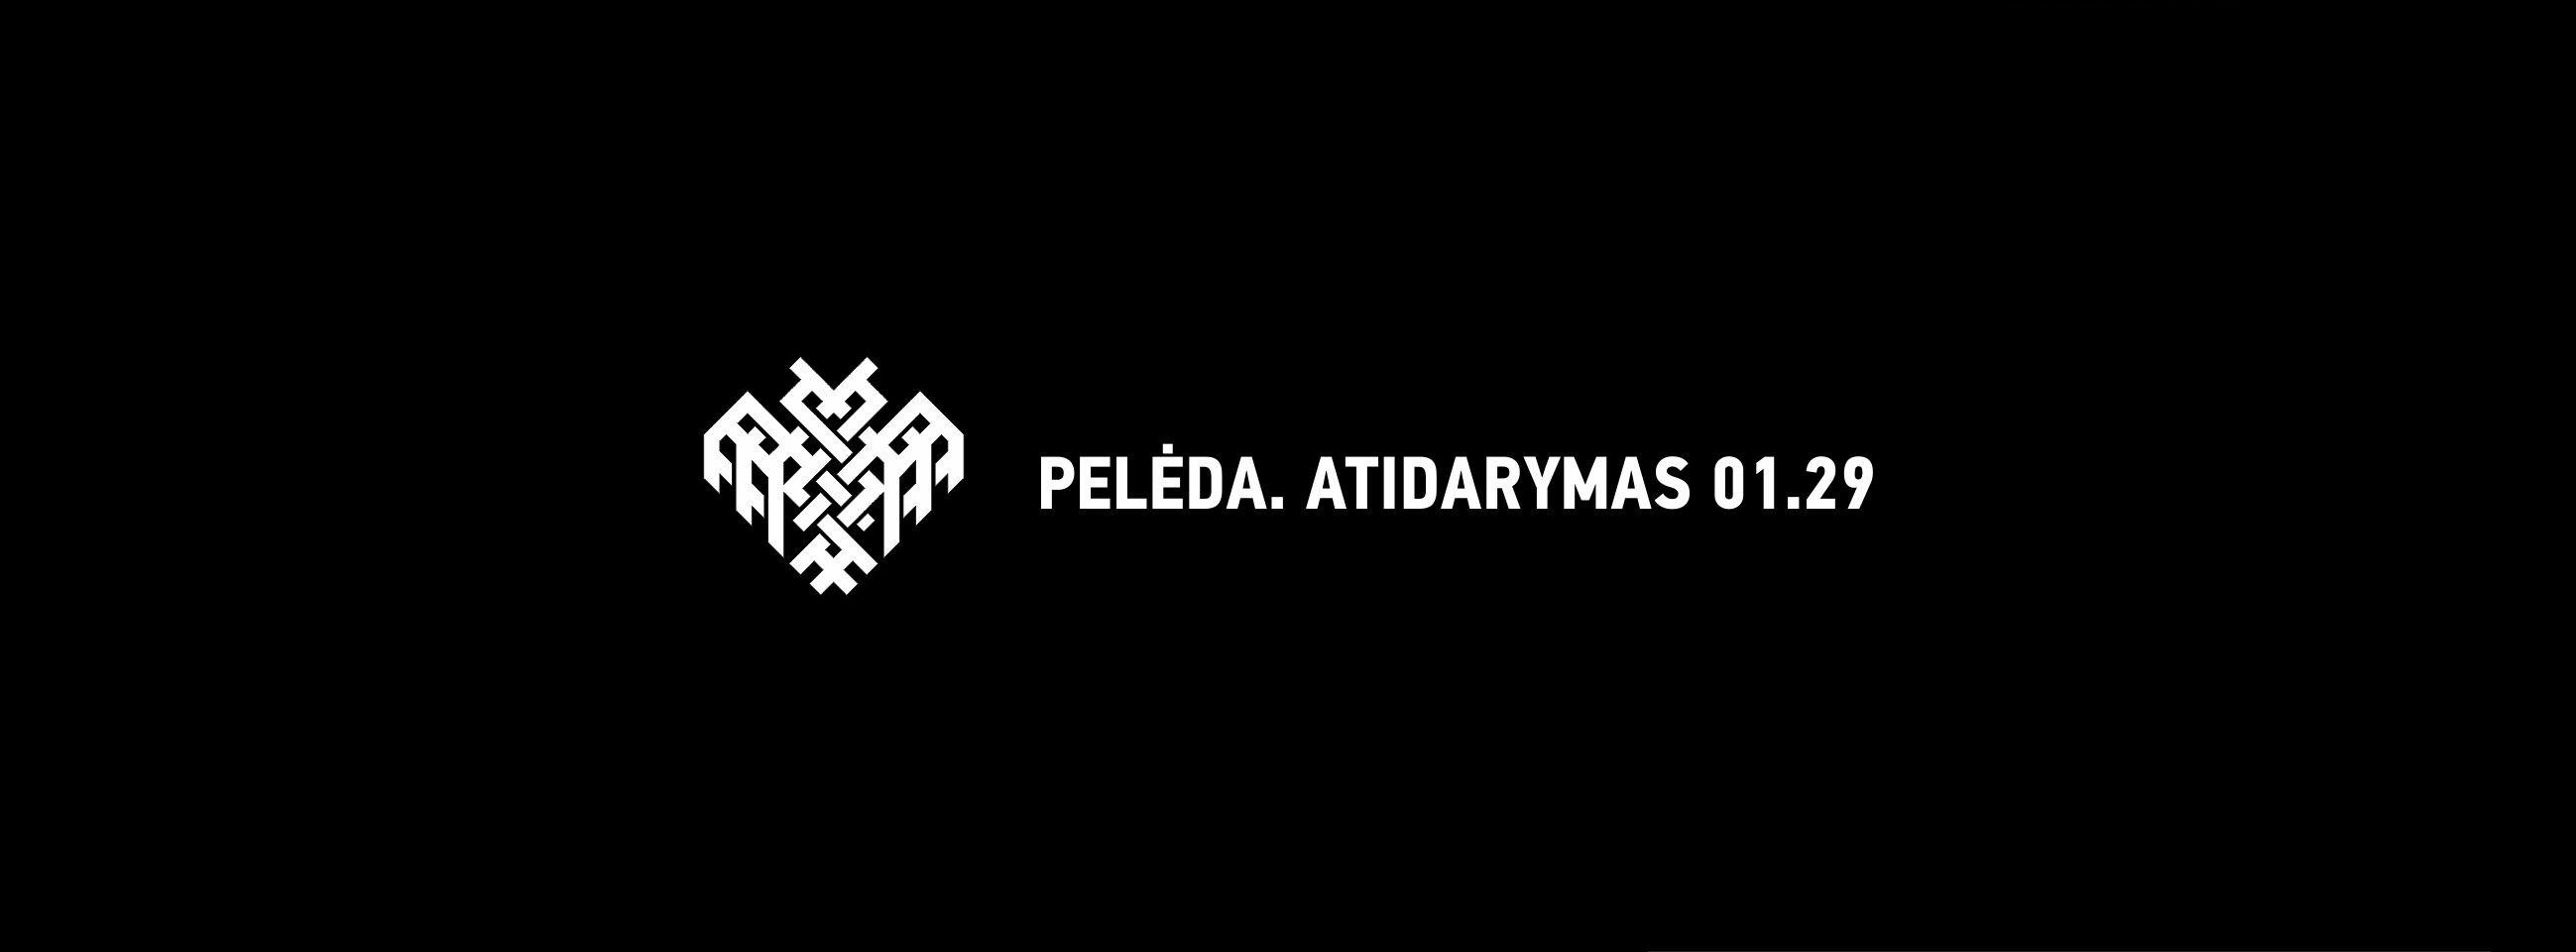 Peleda_atidarymas_cover